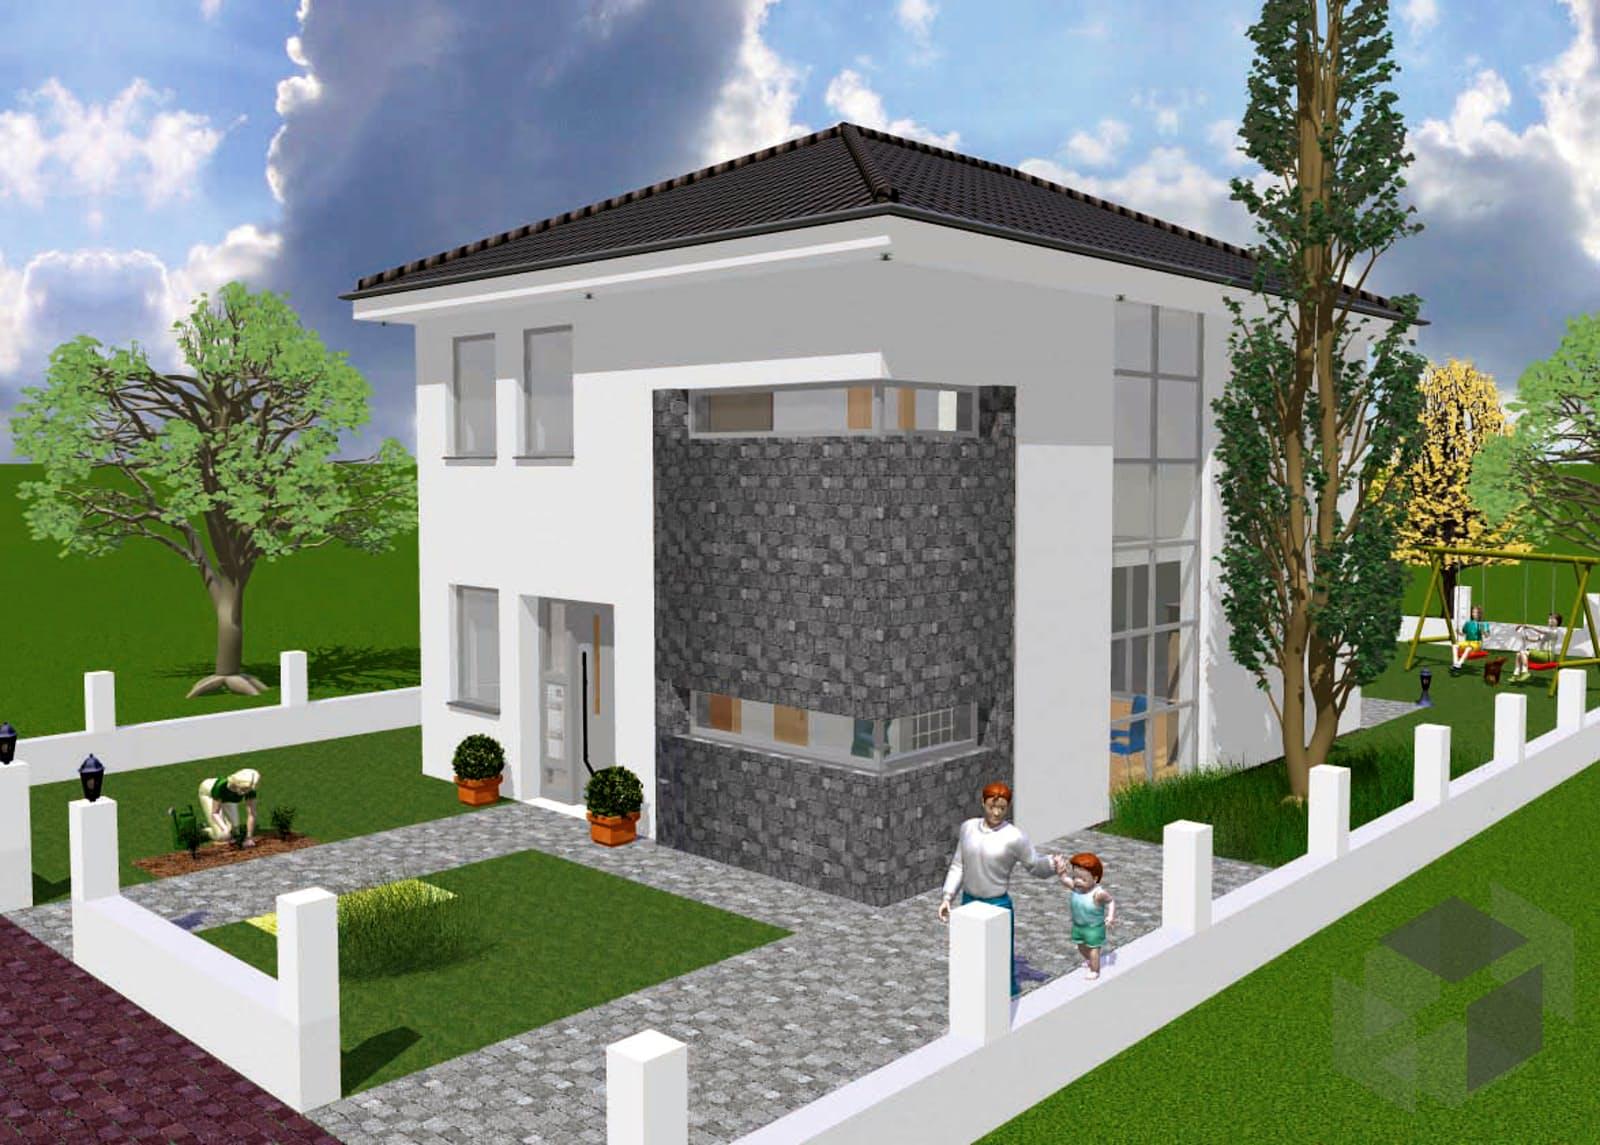 Schlüsselfertige Massivhäuser bis 150.000€ - Häuser Preise ... size: 1600 x 1145 post ID: 3 File size: 0 B